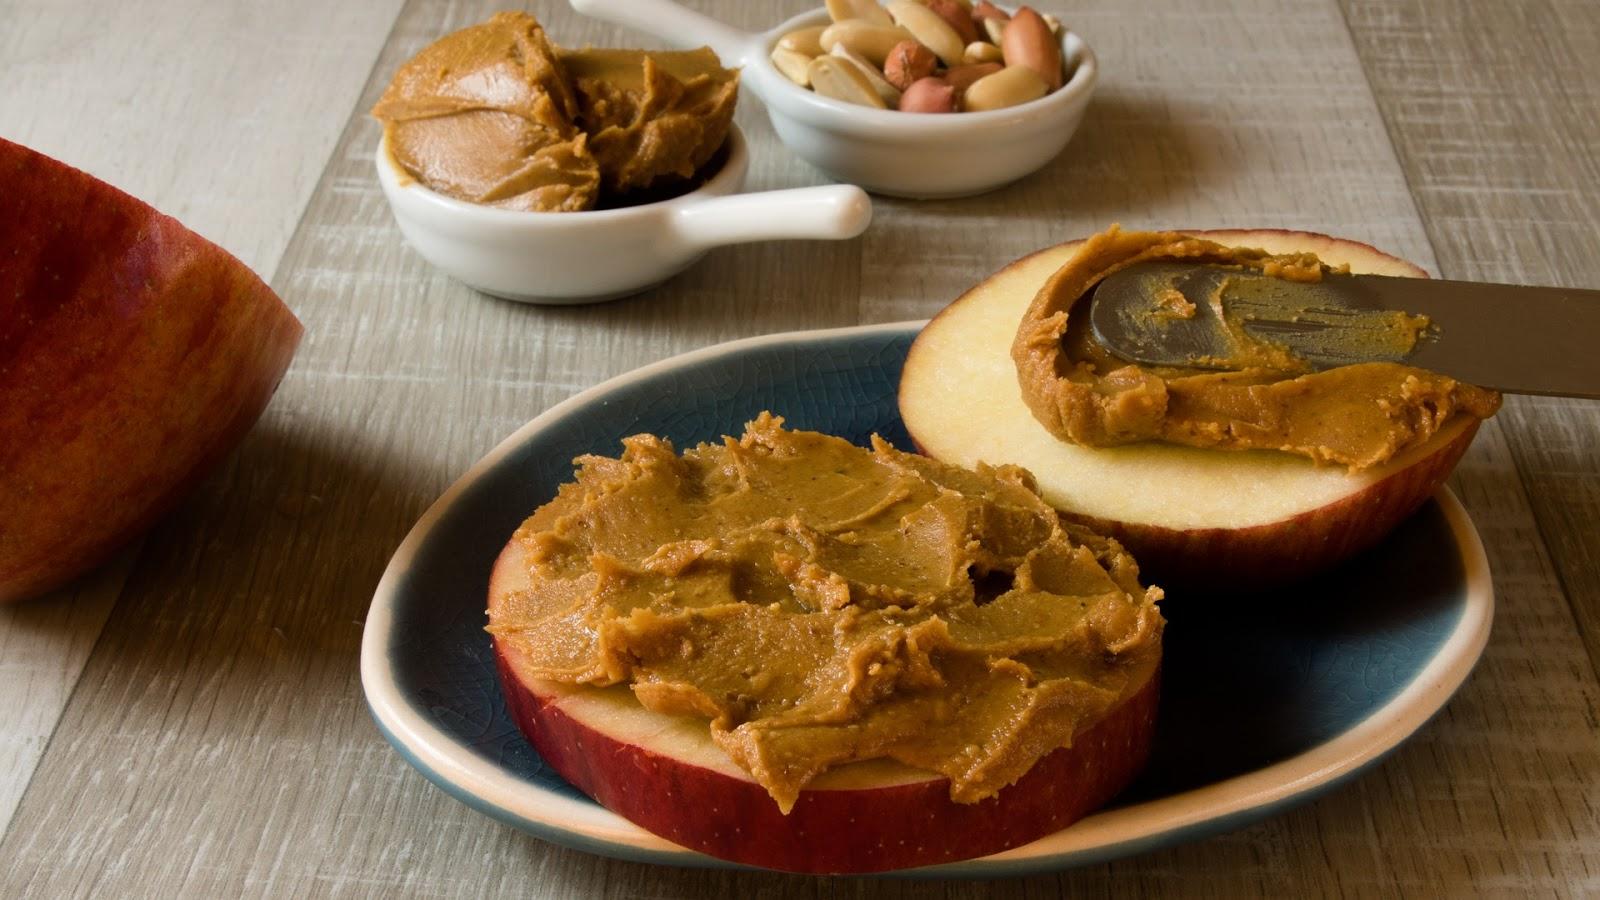 Lanches com Pasta de Amendoim: 7 Receitas Para o Dia a Dia